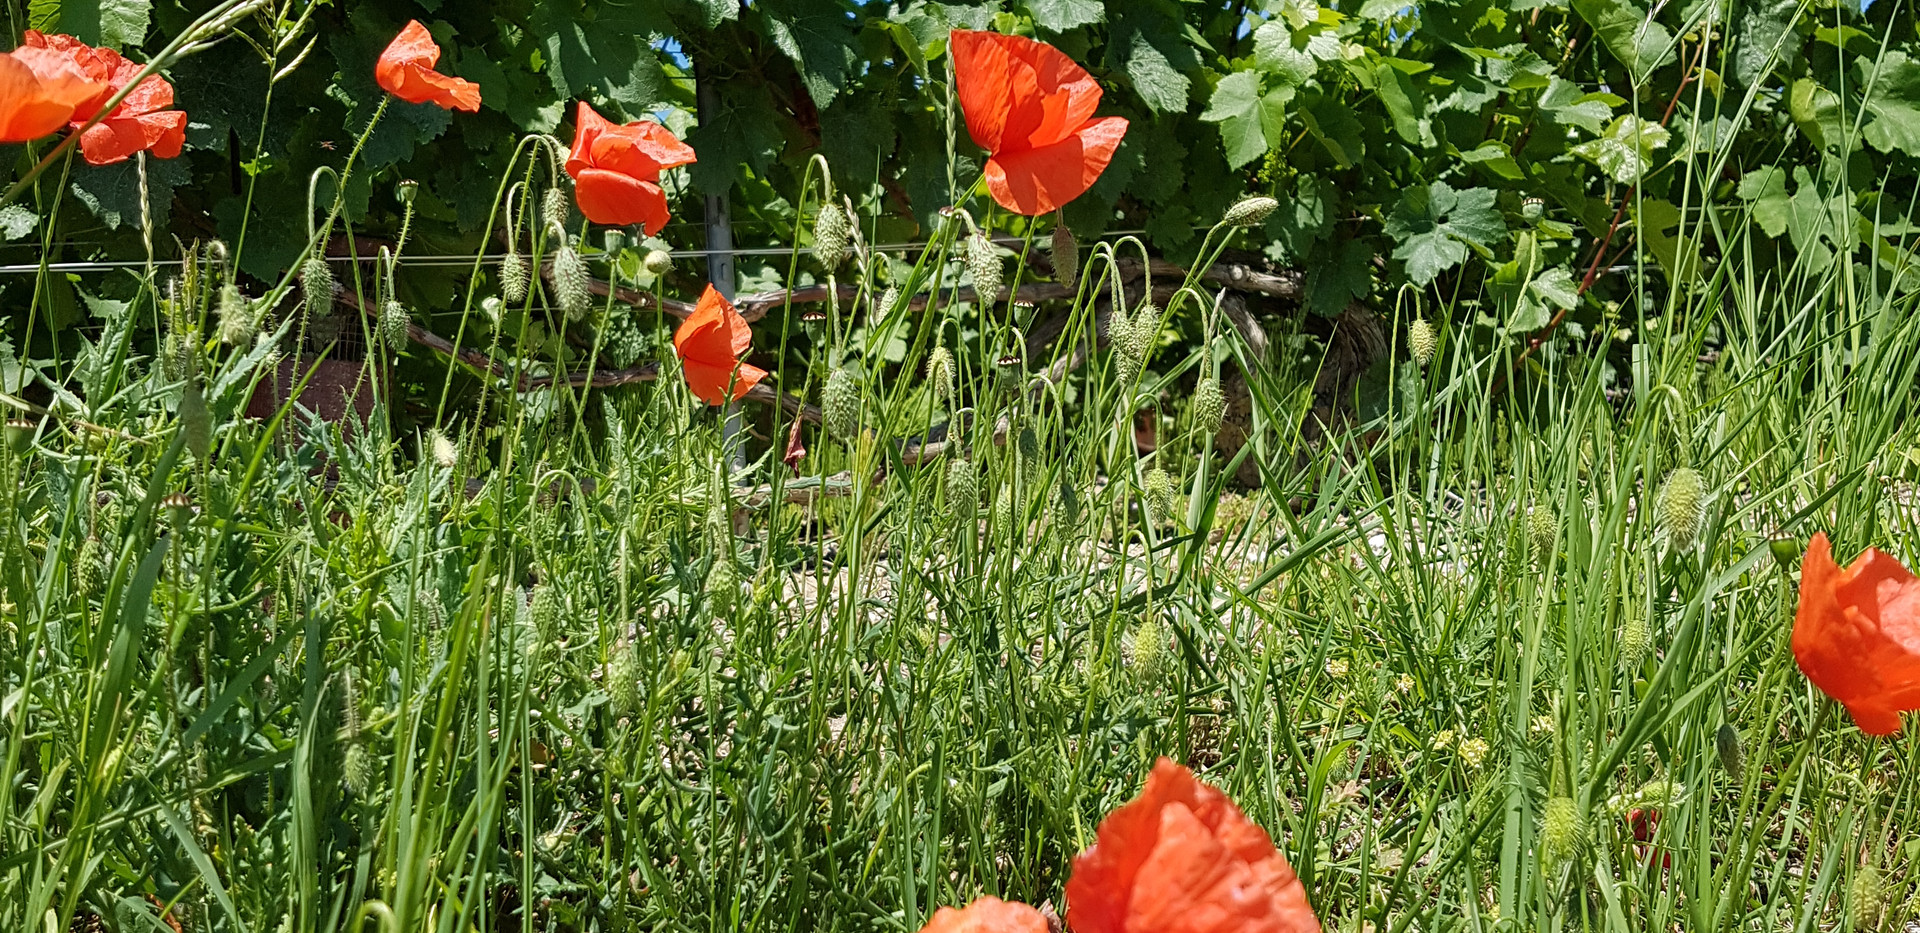 Vines in Vrigny